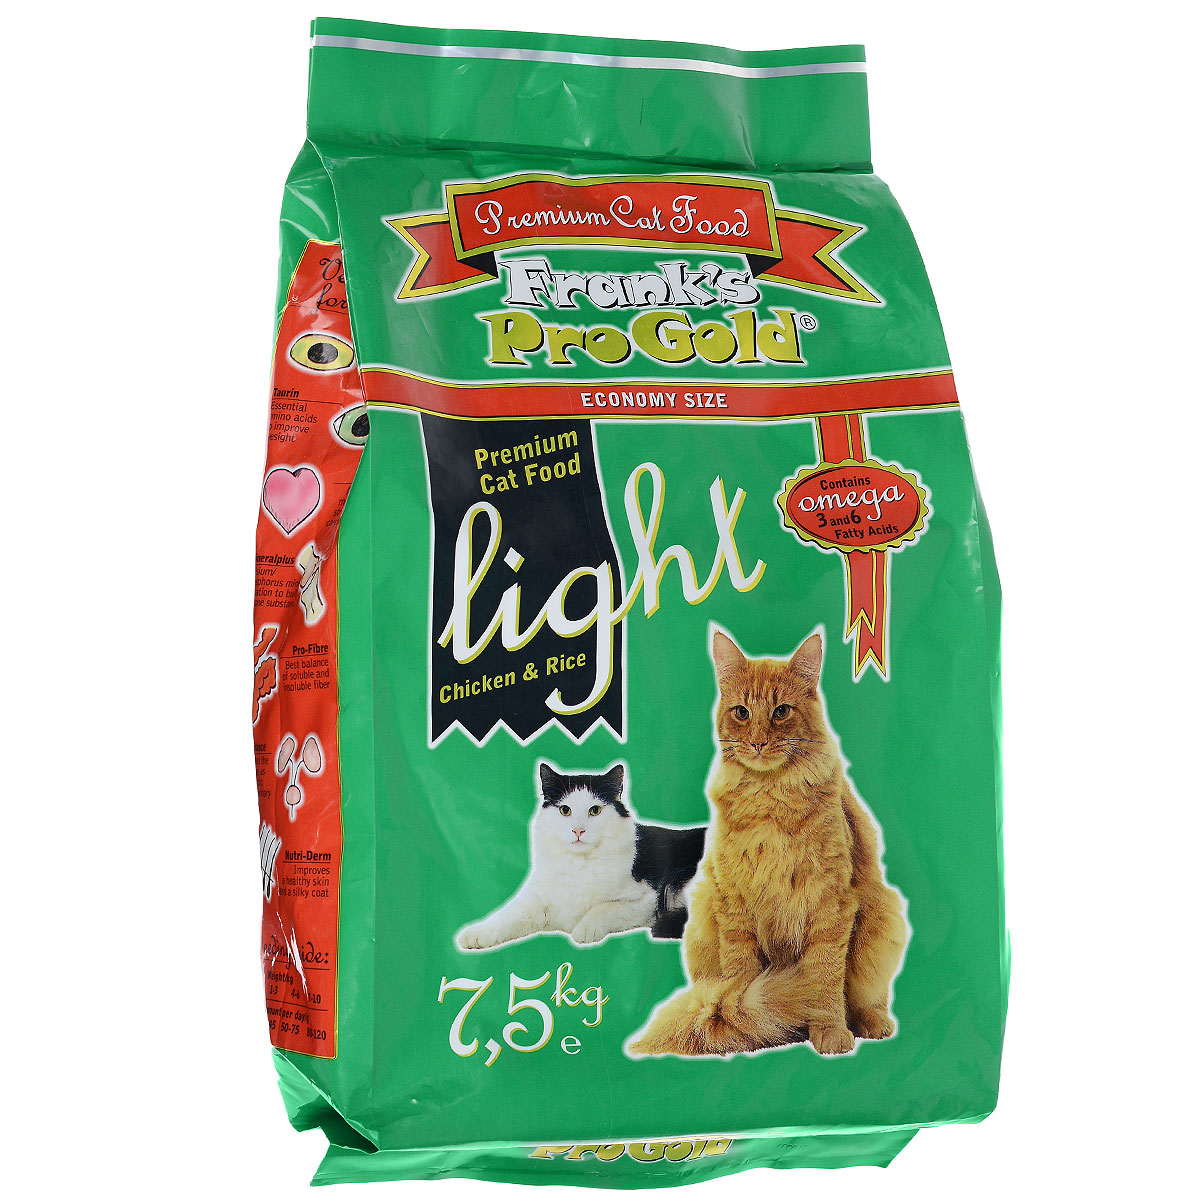 Корм сухой Franks ProGold для кошек, склонных к полноте, с курицей и рисом, 7,5 кг0120710Сухой корм Franks ProGold - это полноценный сбалансированный корм для склонных к полноте кошек, а также после кастрации и стерилизации. Каждая четвертая кошка страдает избыточным весом. Однажды появившийся избыточный вес имеет тенденцию сохраняться и даже увеличиваться. Лишние килограммы могут повредить здоровью вашей кошки. Чтобы вернуть кошке идеальный вес, необходимы разумные ограничения рациона.Состав: мясо курицы, рис, маис, рыбное филе, печень птицы, кукурузная мука, мякоть свеклы, куриный жир, дрожжи, рыбий жир, минералы и витамины, фруктоолигосахариды (минимум 0,5%), лецитин, холинхлорид, витамин У, витамин С.Пищевая ценность: белки 29,0%, жиры 12,0%, клетчатка 2,5%, зола 6,5%, влажность 8,0%, фосфор 0,9%, кальций 1,0%, натрий 0,4%, магний 0,08%. Калорийность: 3505 ккал/кг.Товар сертефицирован.